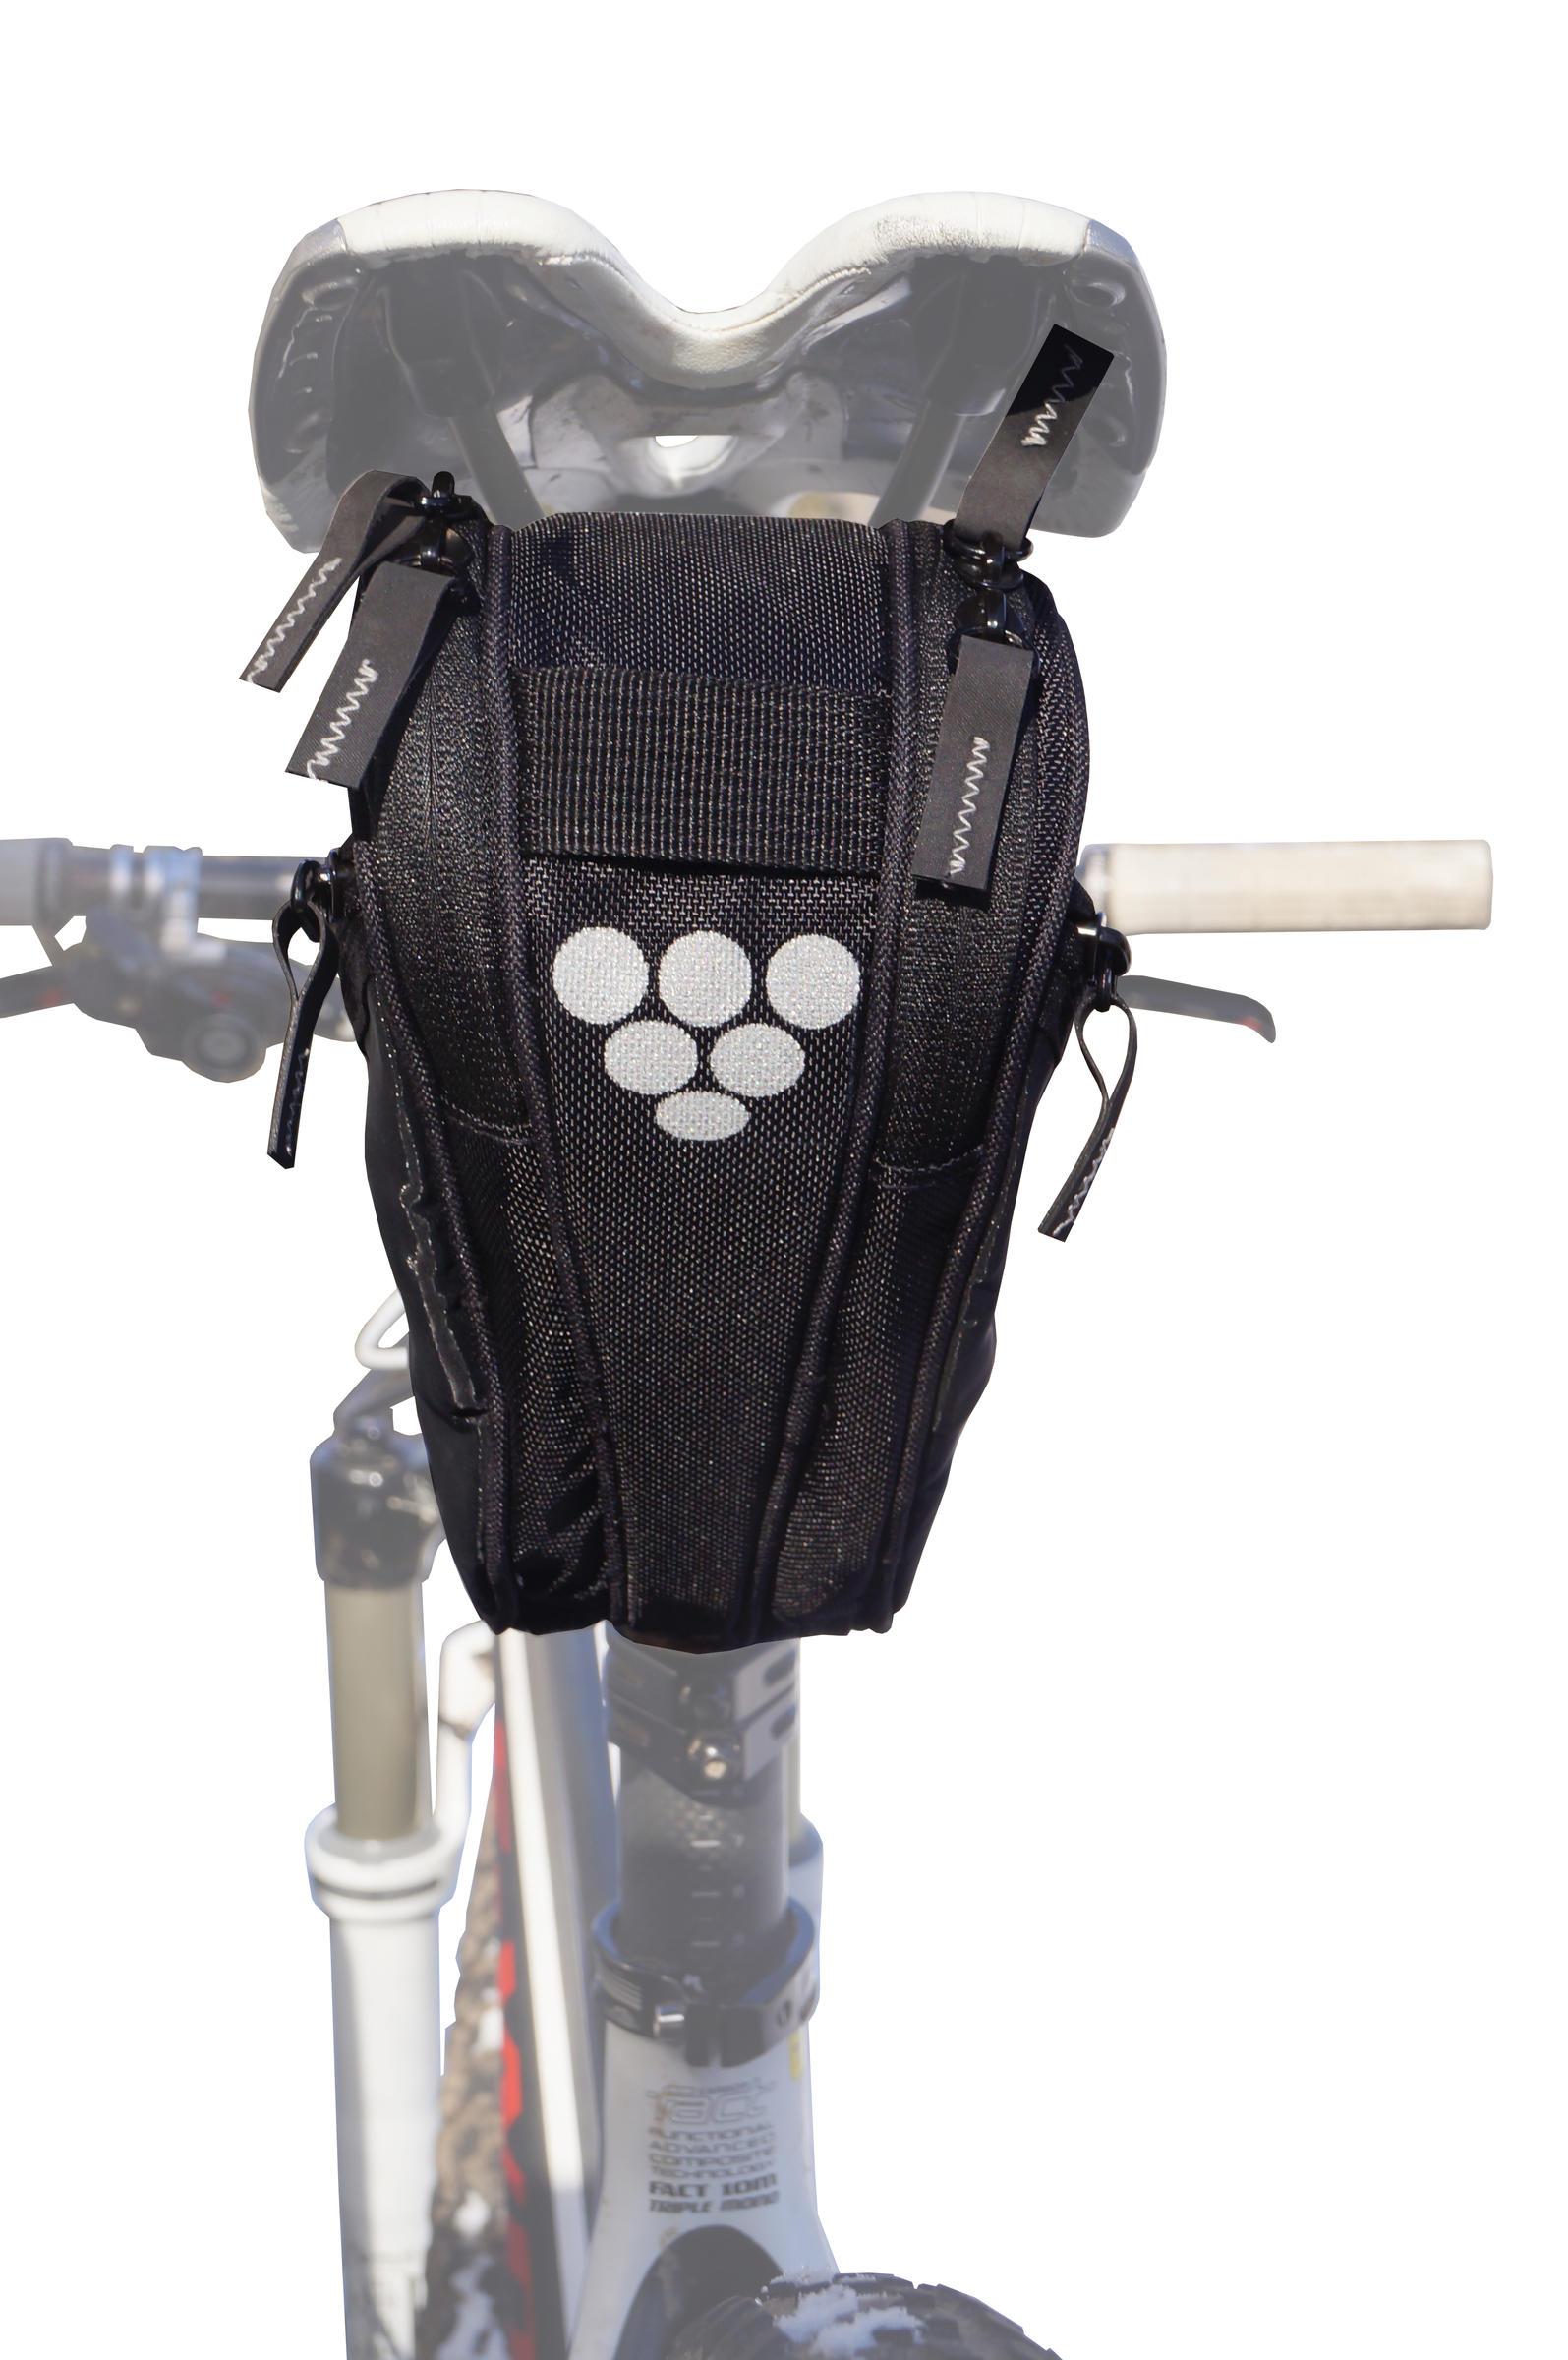 Bikase 1032 Wing Seat Pack Seat Bag Black